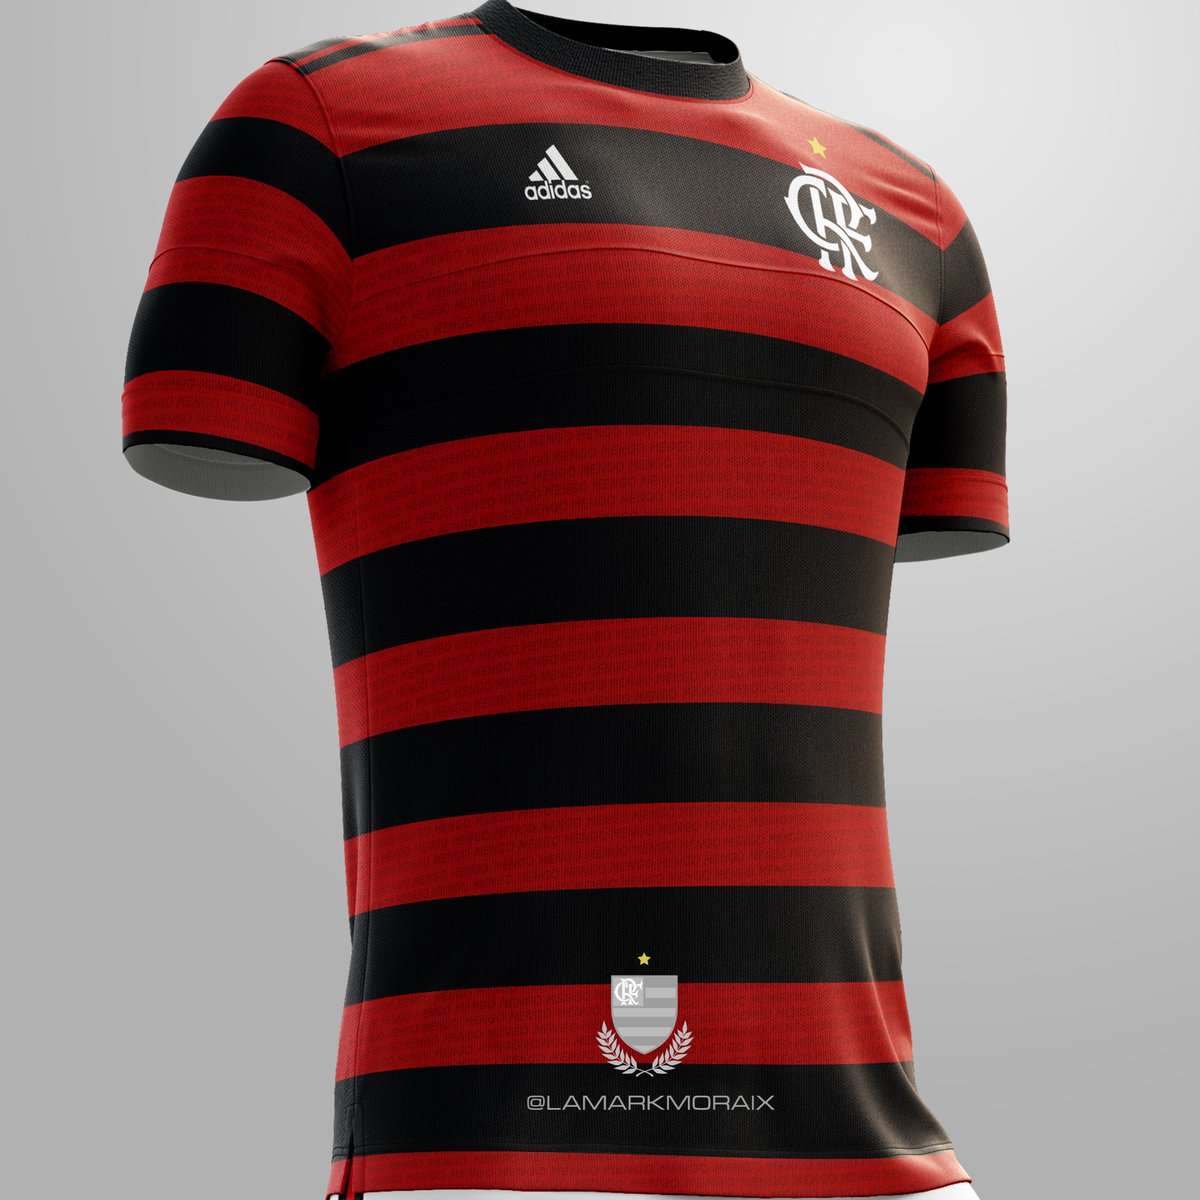 Veja as prováveis camisas da adidas para o Flamengo em 2019 ... d0e2411f27825